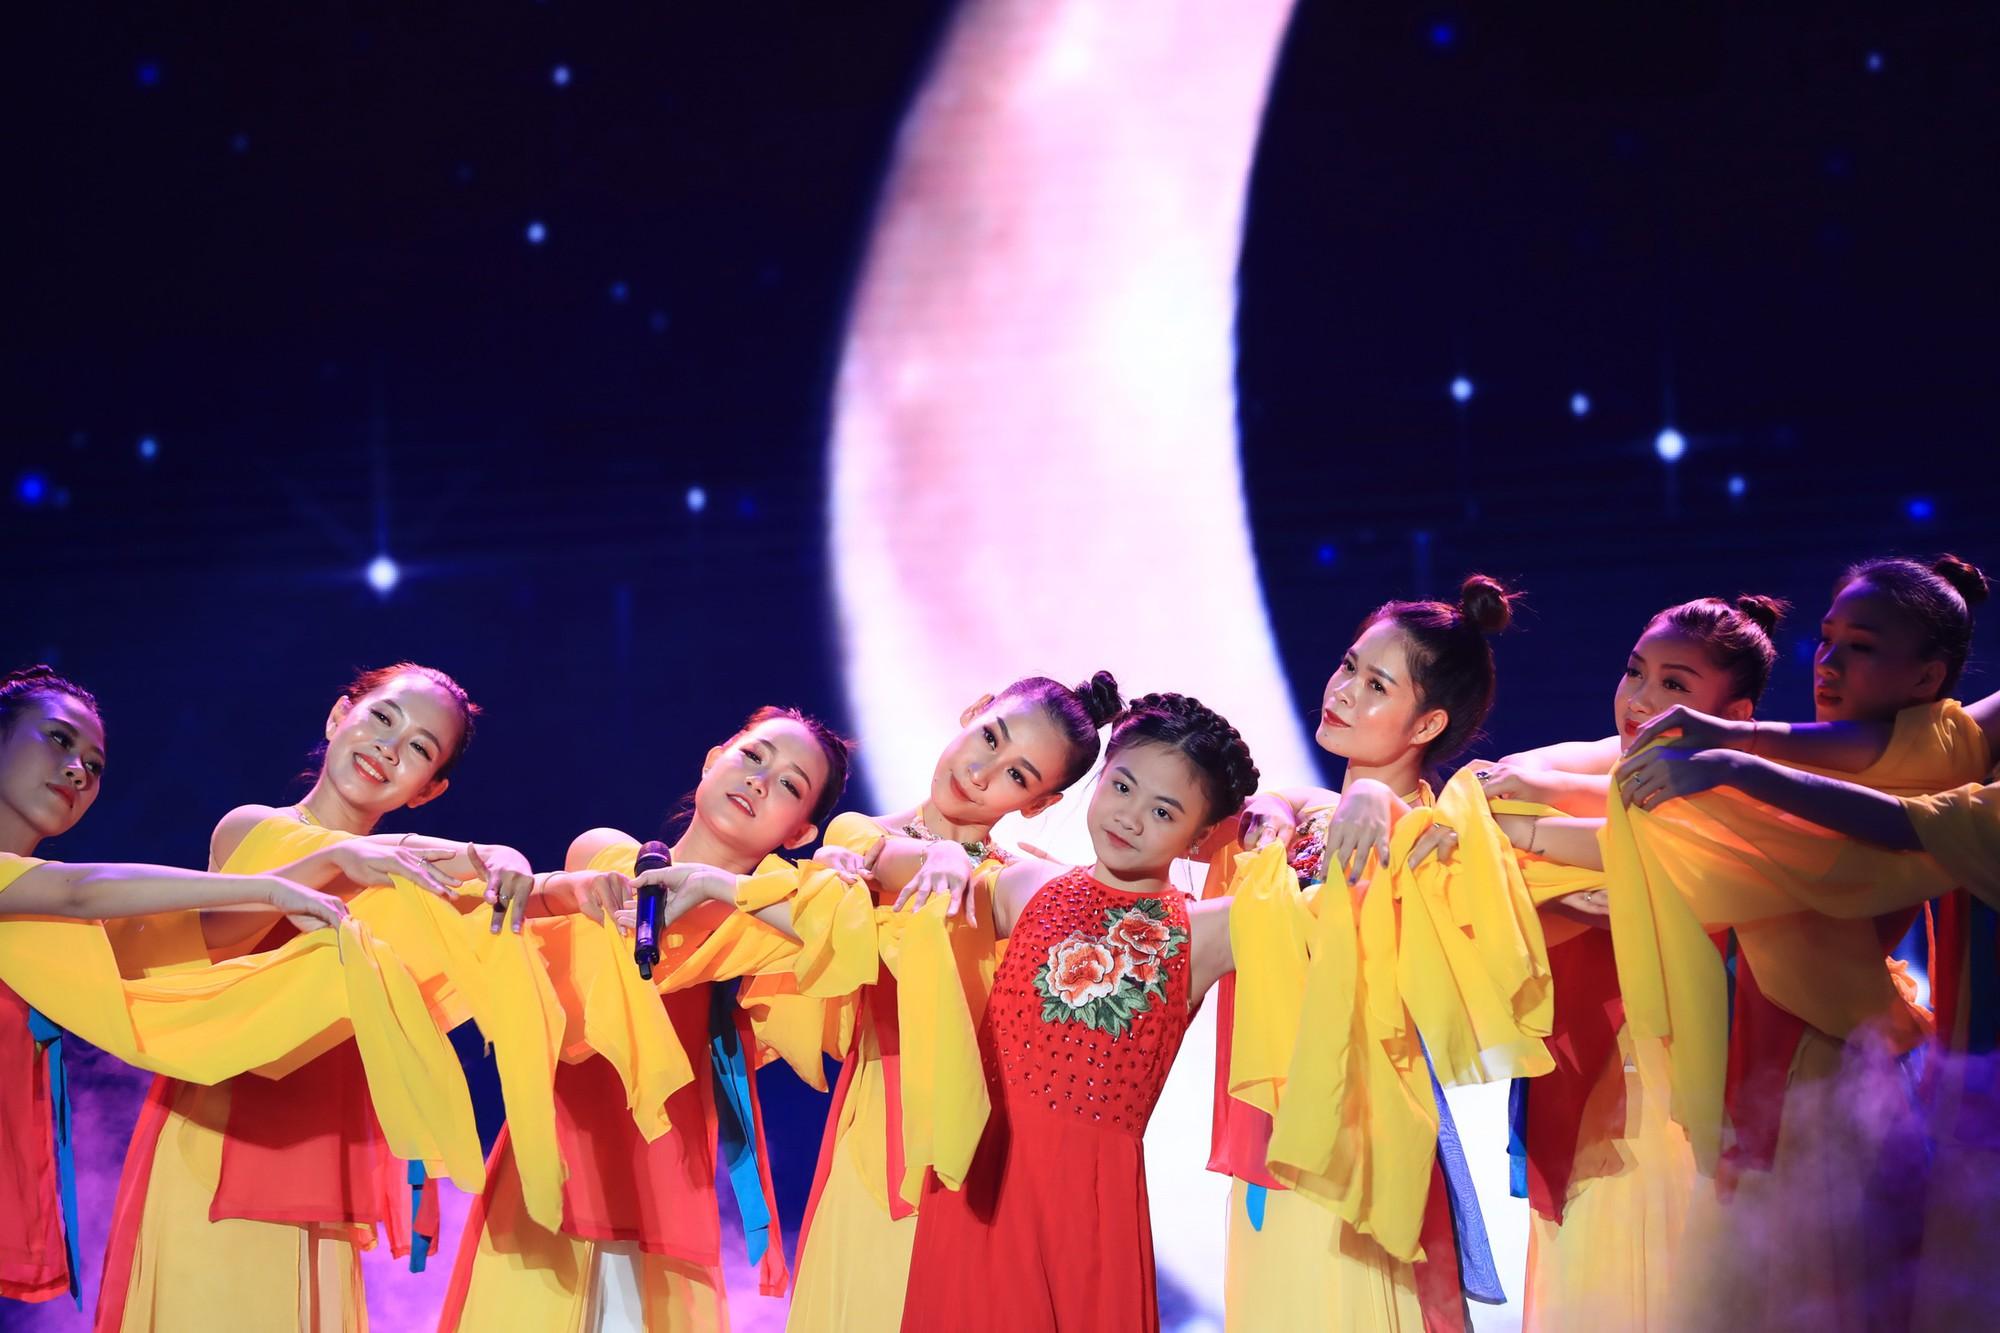 Hòa Minzy bật khóc vì học trò bị chê chọn sai bài, hát không rõ lời - Ảnh 8.